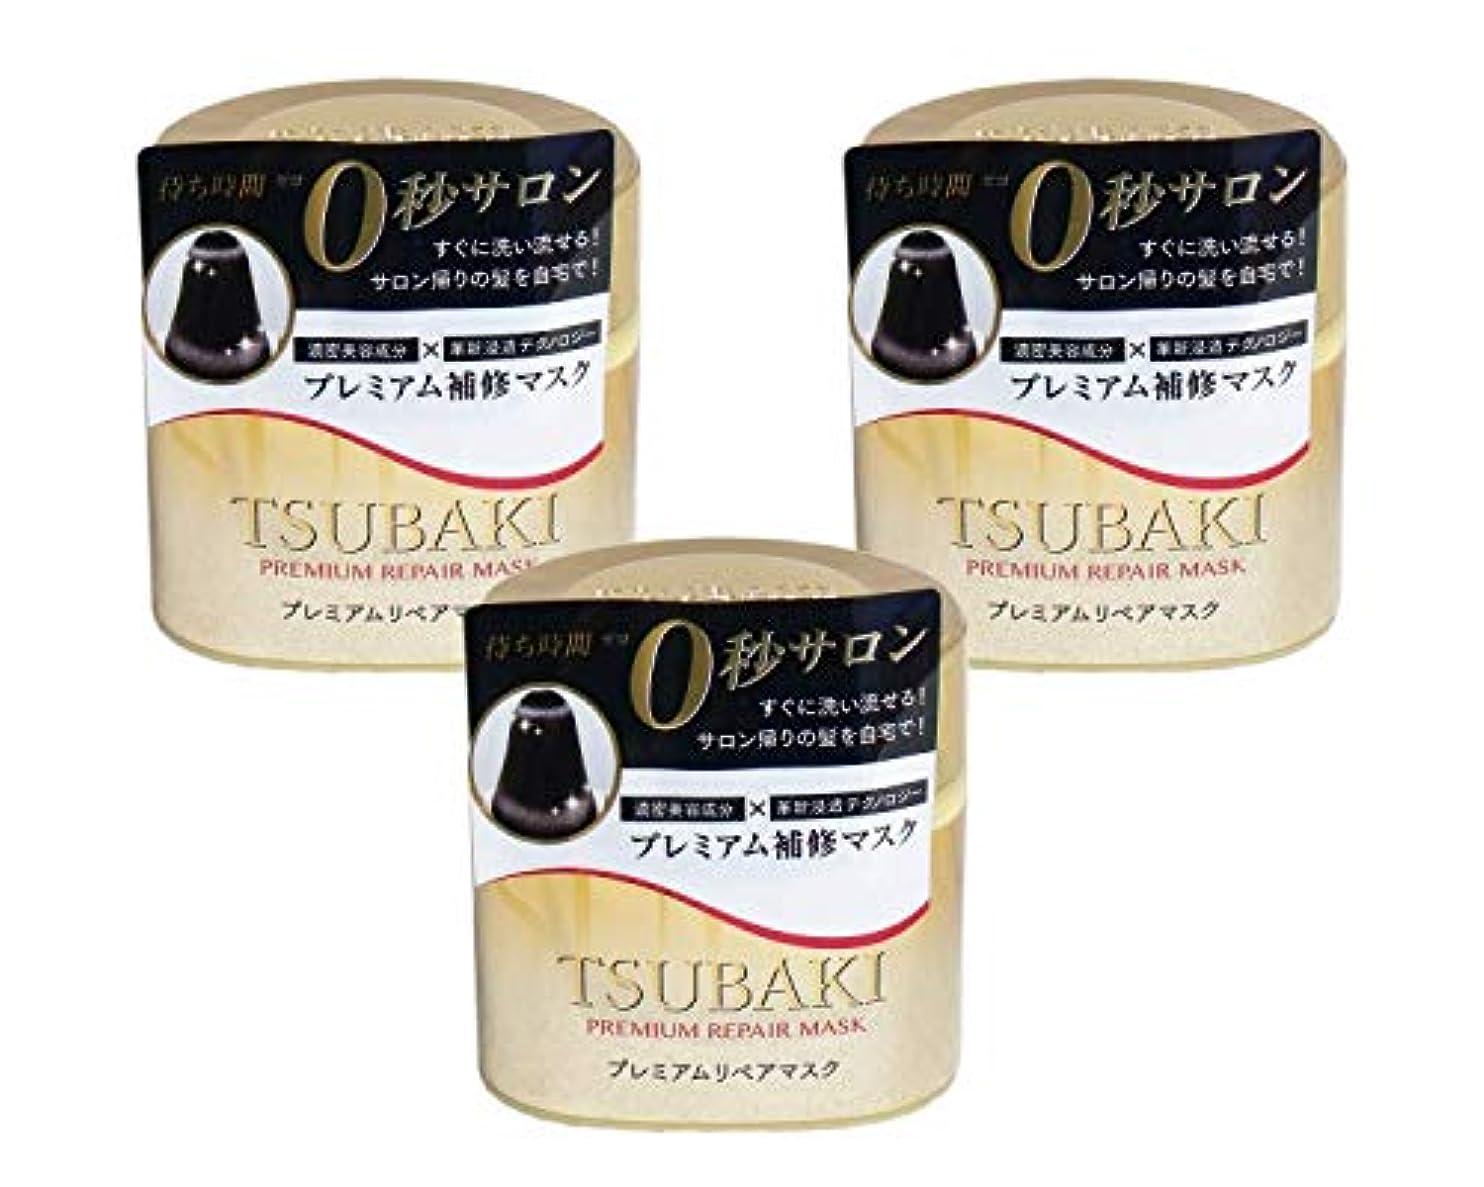 サスペンドシンジケート賢明な【まとめ買い】TSUBAKI プレミアムリペアマスク 180g×3個